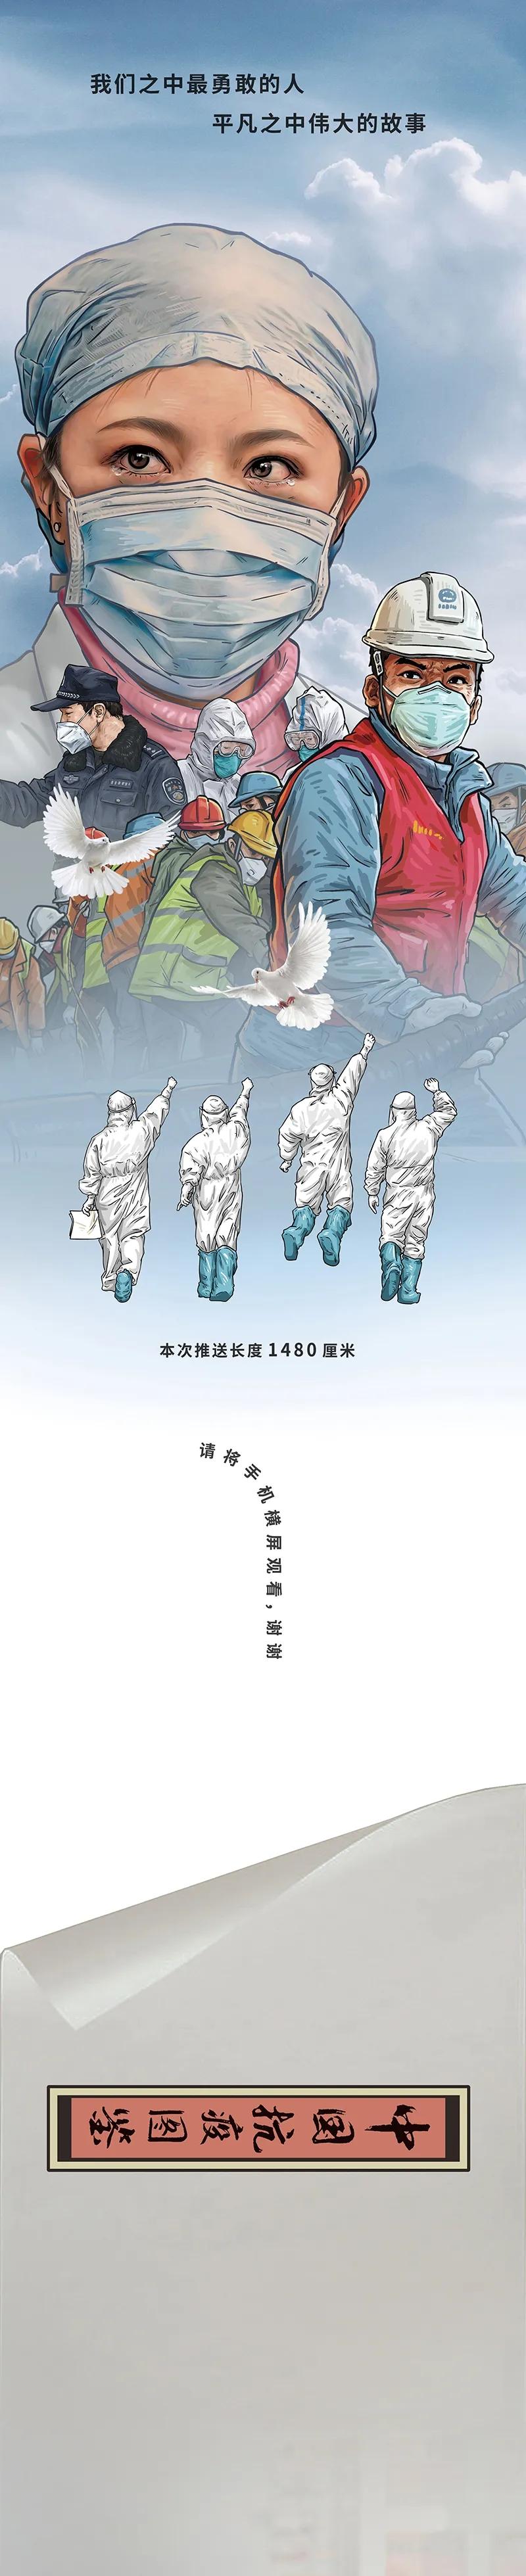 中国抗疫图鉴(完整版)